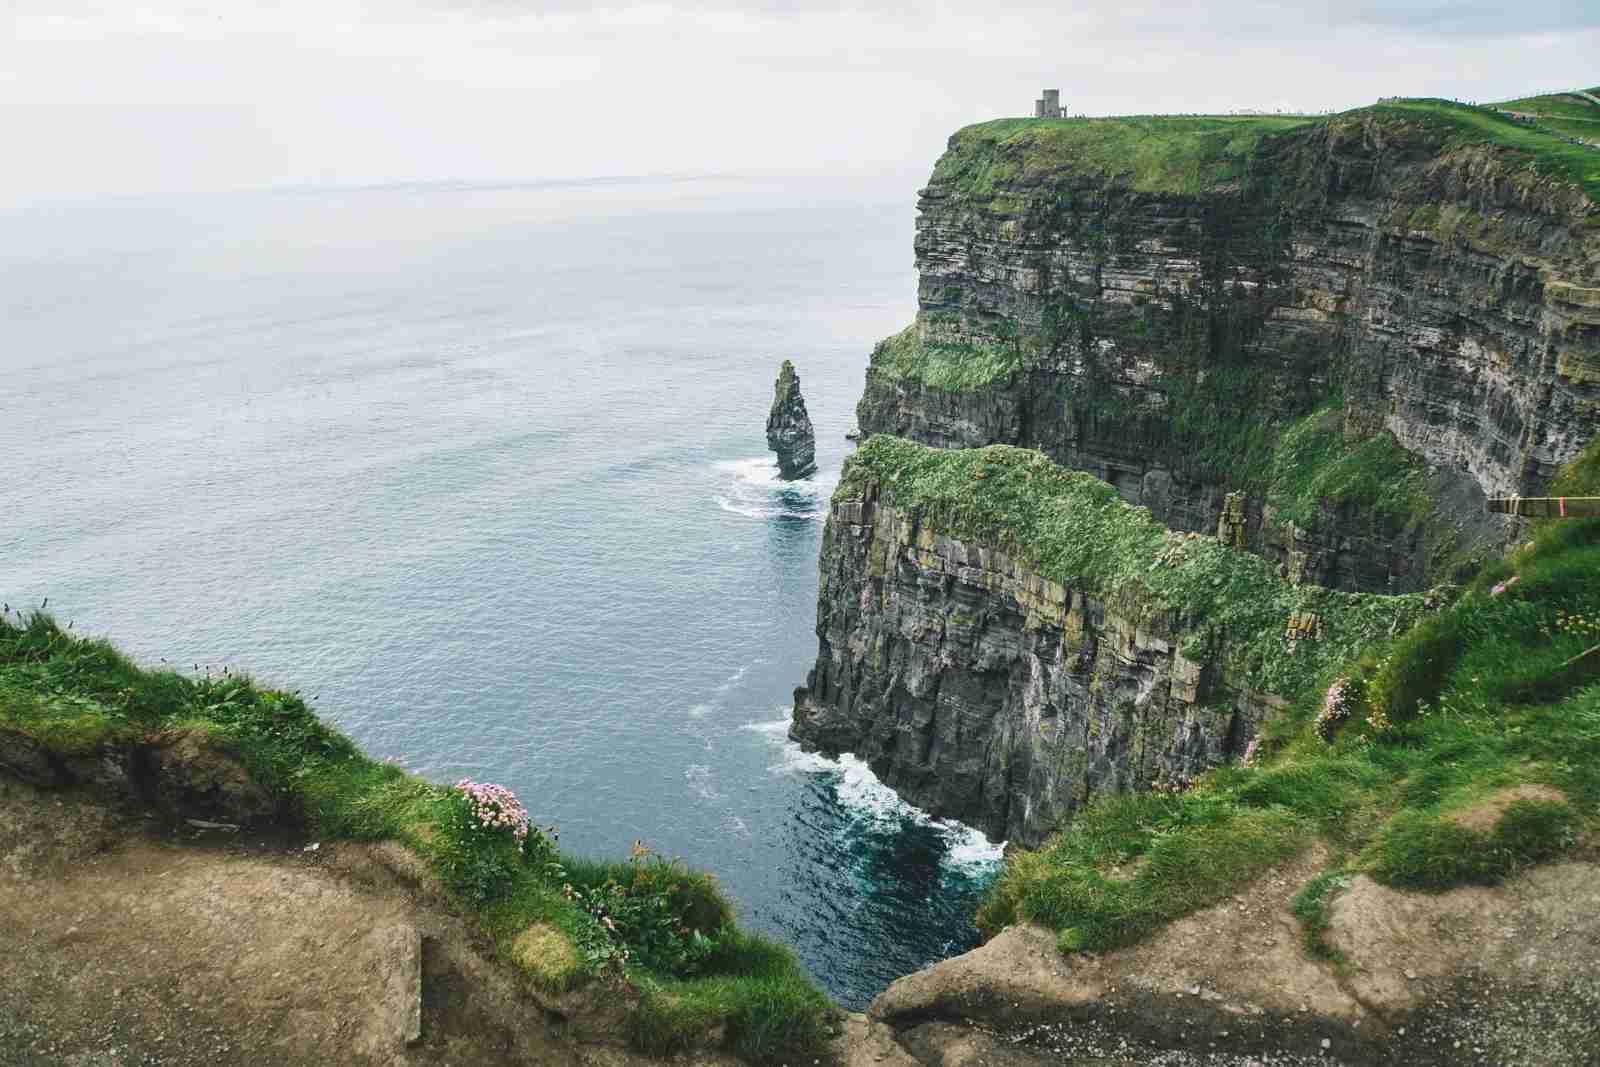 The Cliffs of Moher, Ireland. (Photo by Kelly Kiernan/Unsplash)